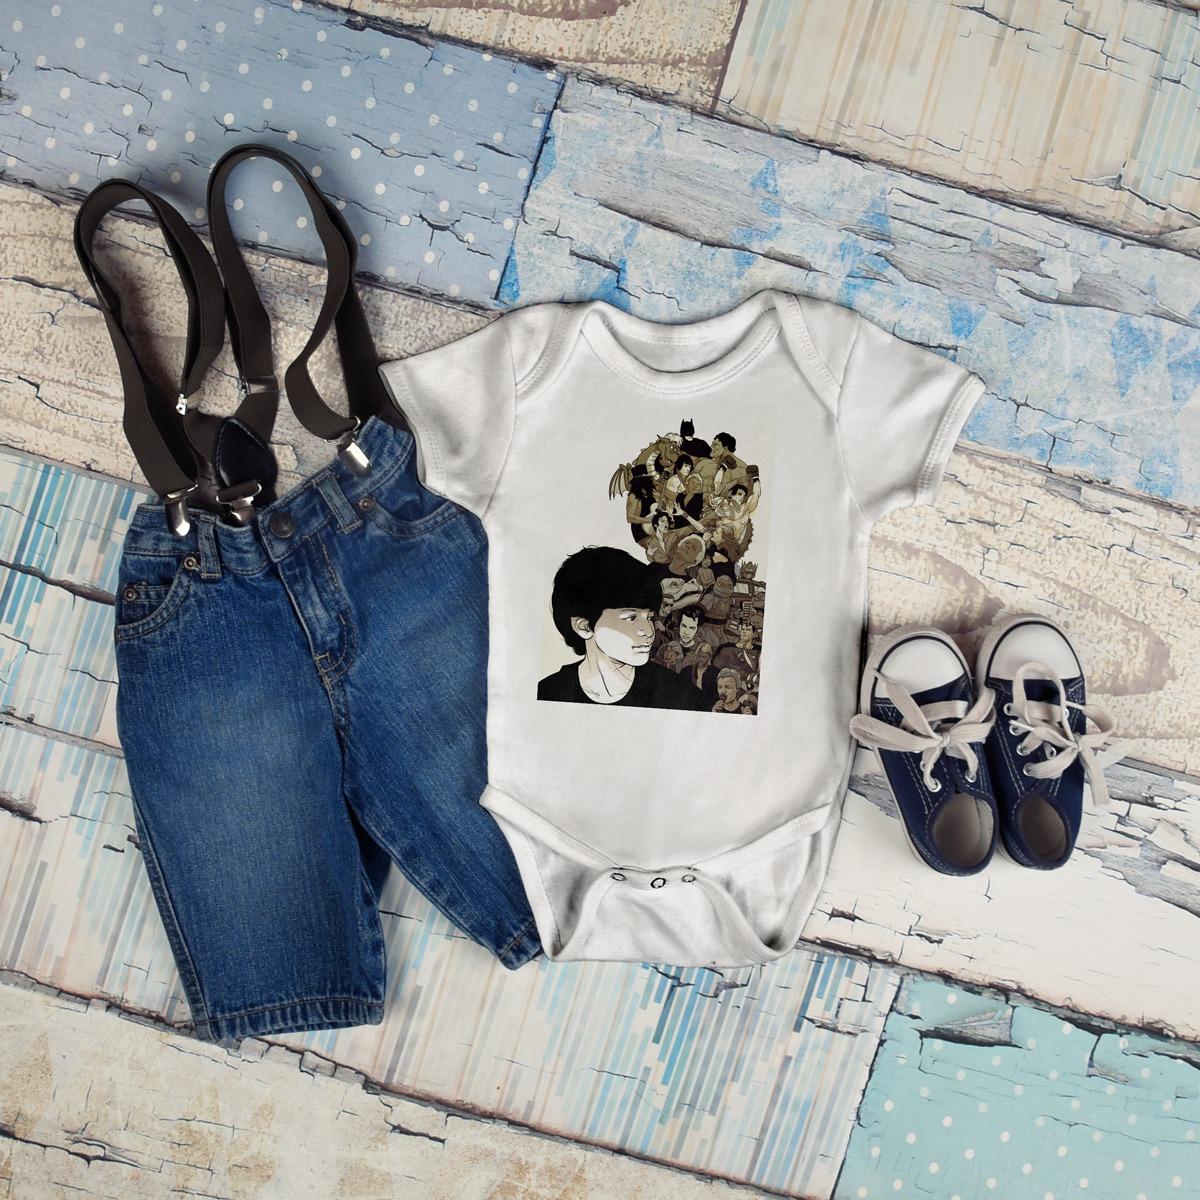 בגד גוף לתינוקות - כל מה שילד צריך